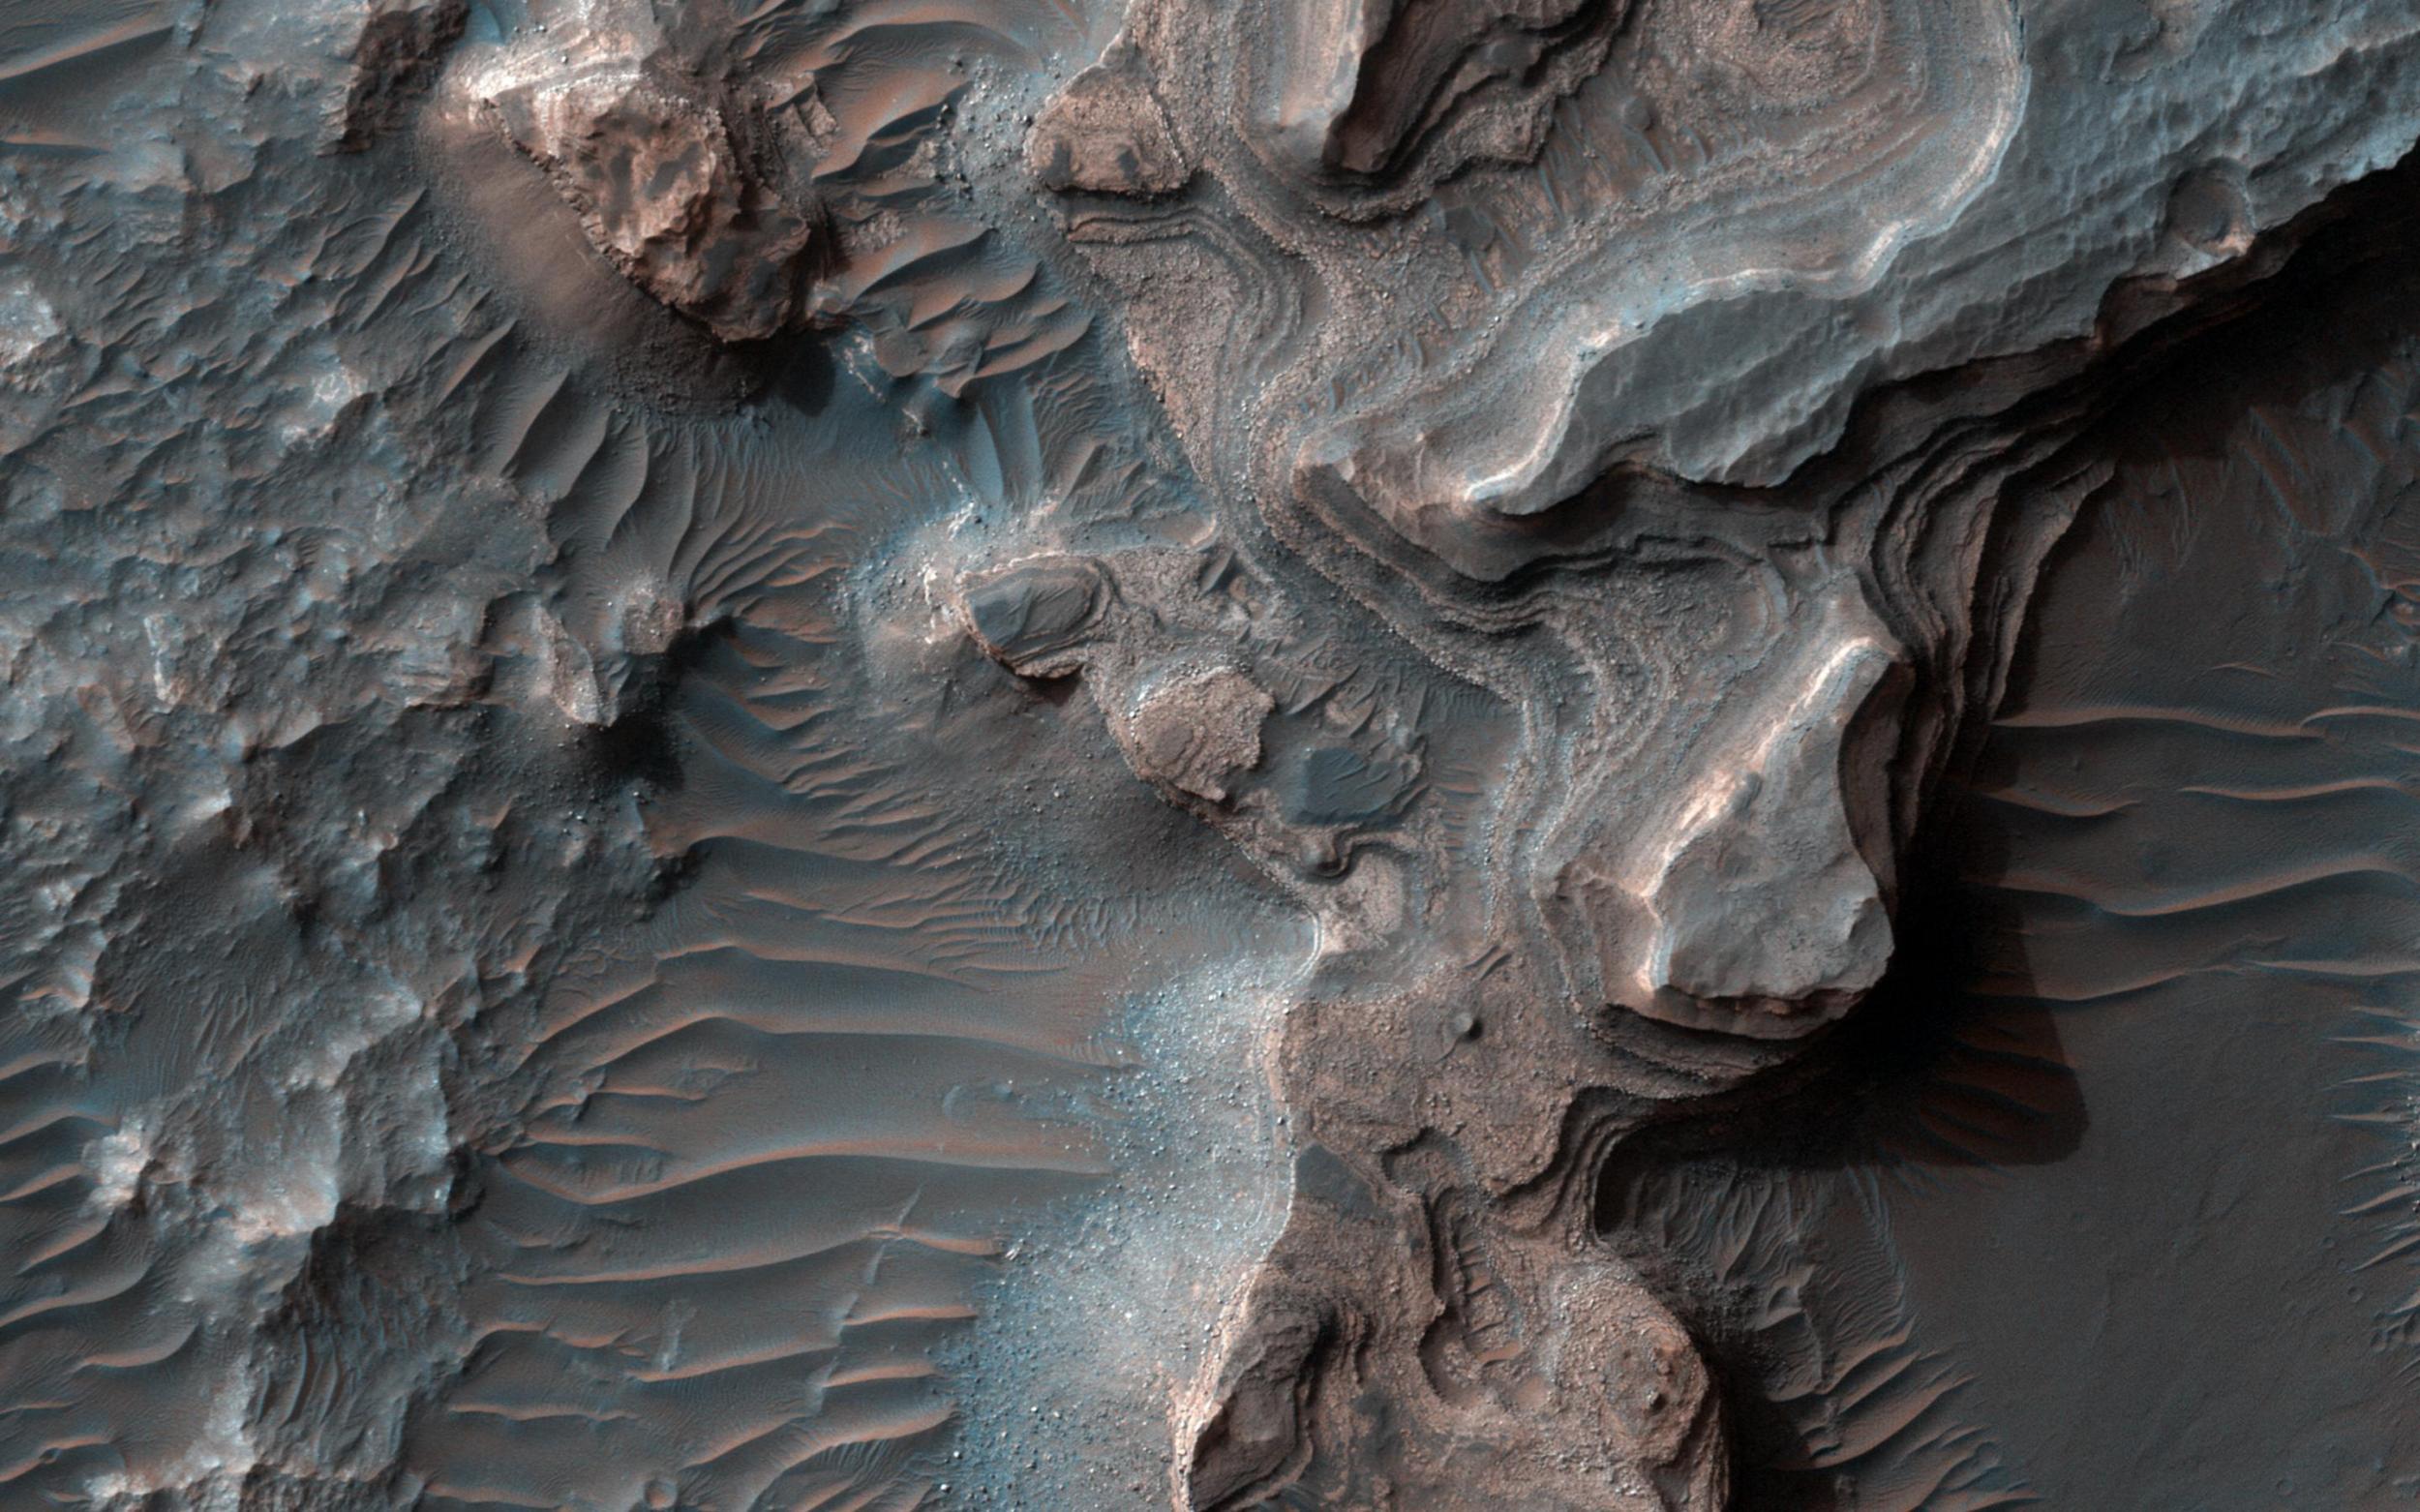 Vesmírné pohledy (IV.) – Mars pěkně zblízka